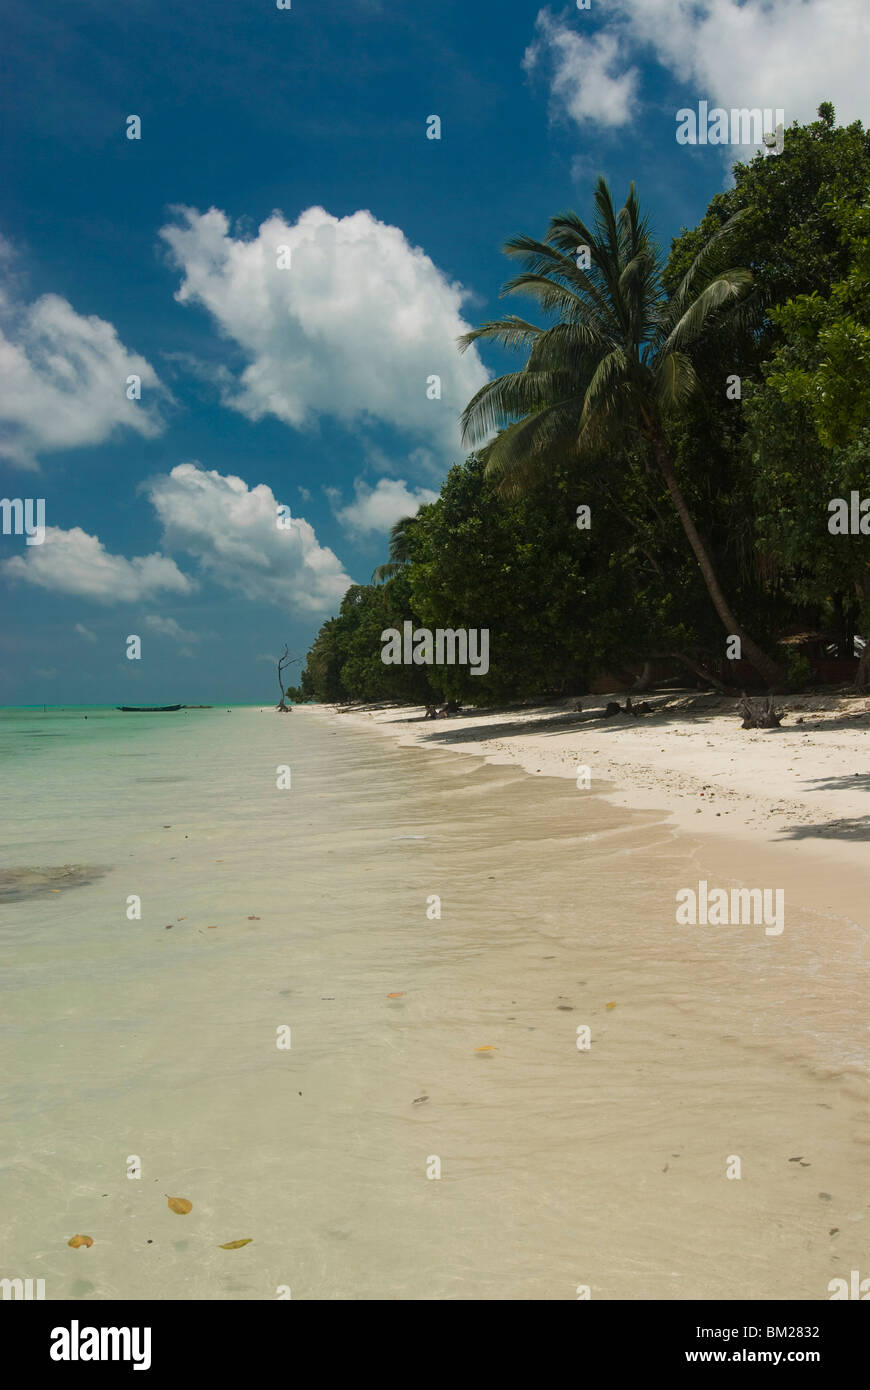 Silber Sandstrand mit türkisfarbenem Meer, Havelock Island, Andamanen, Indien, Indischer Ozean, Asien Stockbild